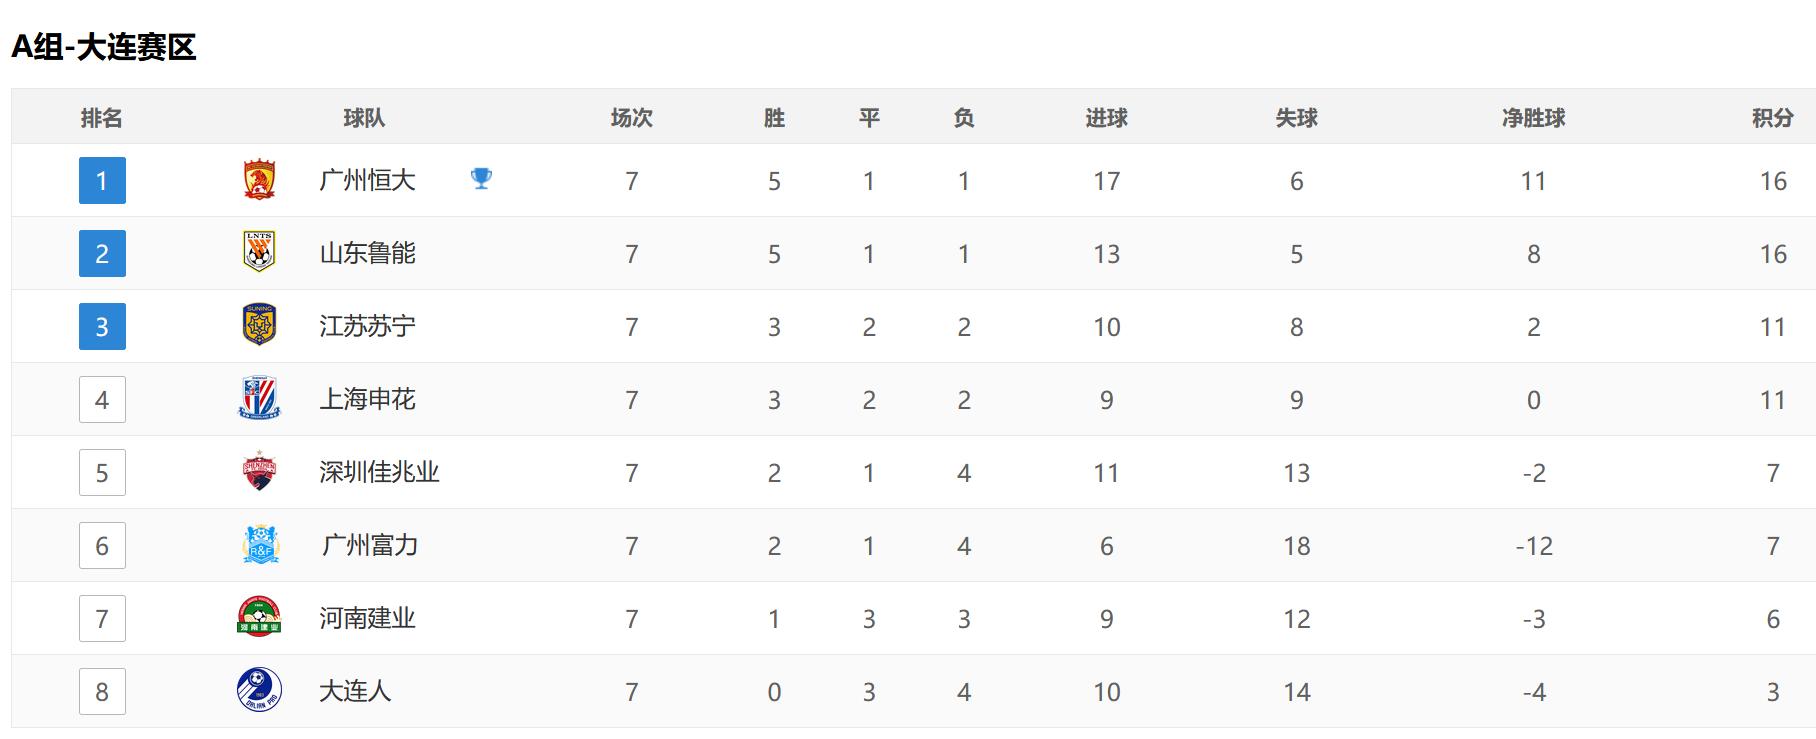 中超积分榜射手榜,国安第2不稳,争冠8队谁意外,韦世豪压外援